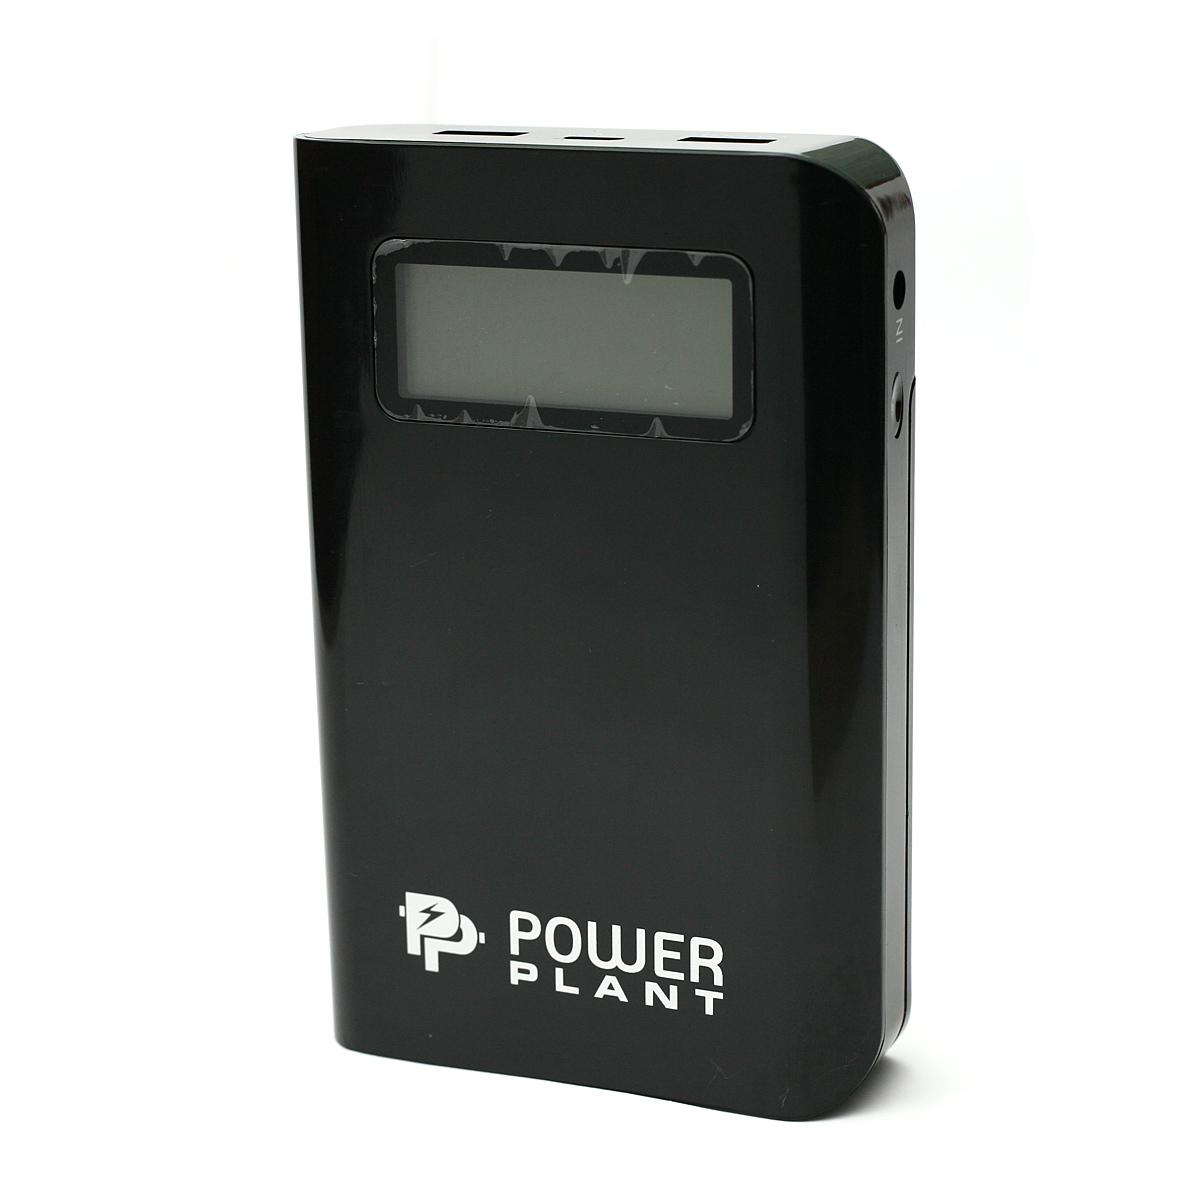 Купить Зарядное устройство / УМБ PowerPlant для аккумуляторов LIR18650/ PS-PC401